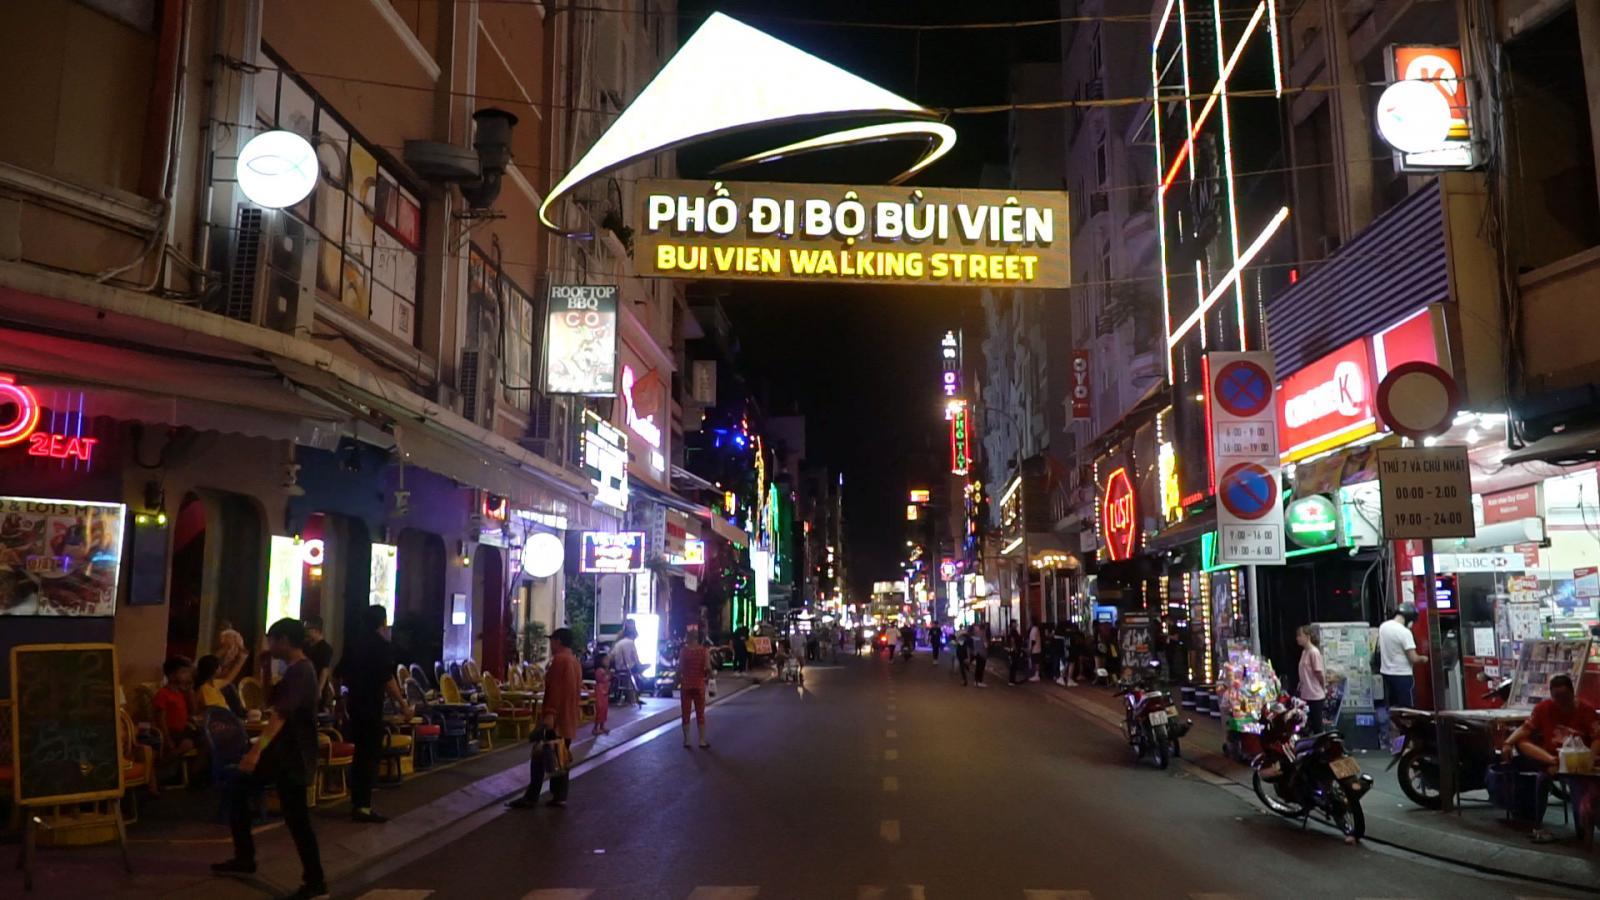 Phố đi bộ Bùi Viện Hồ Chí Minh